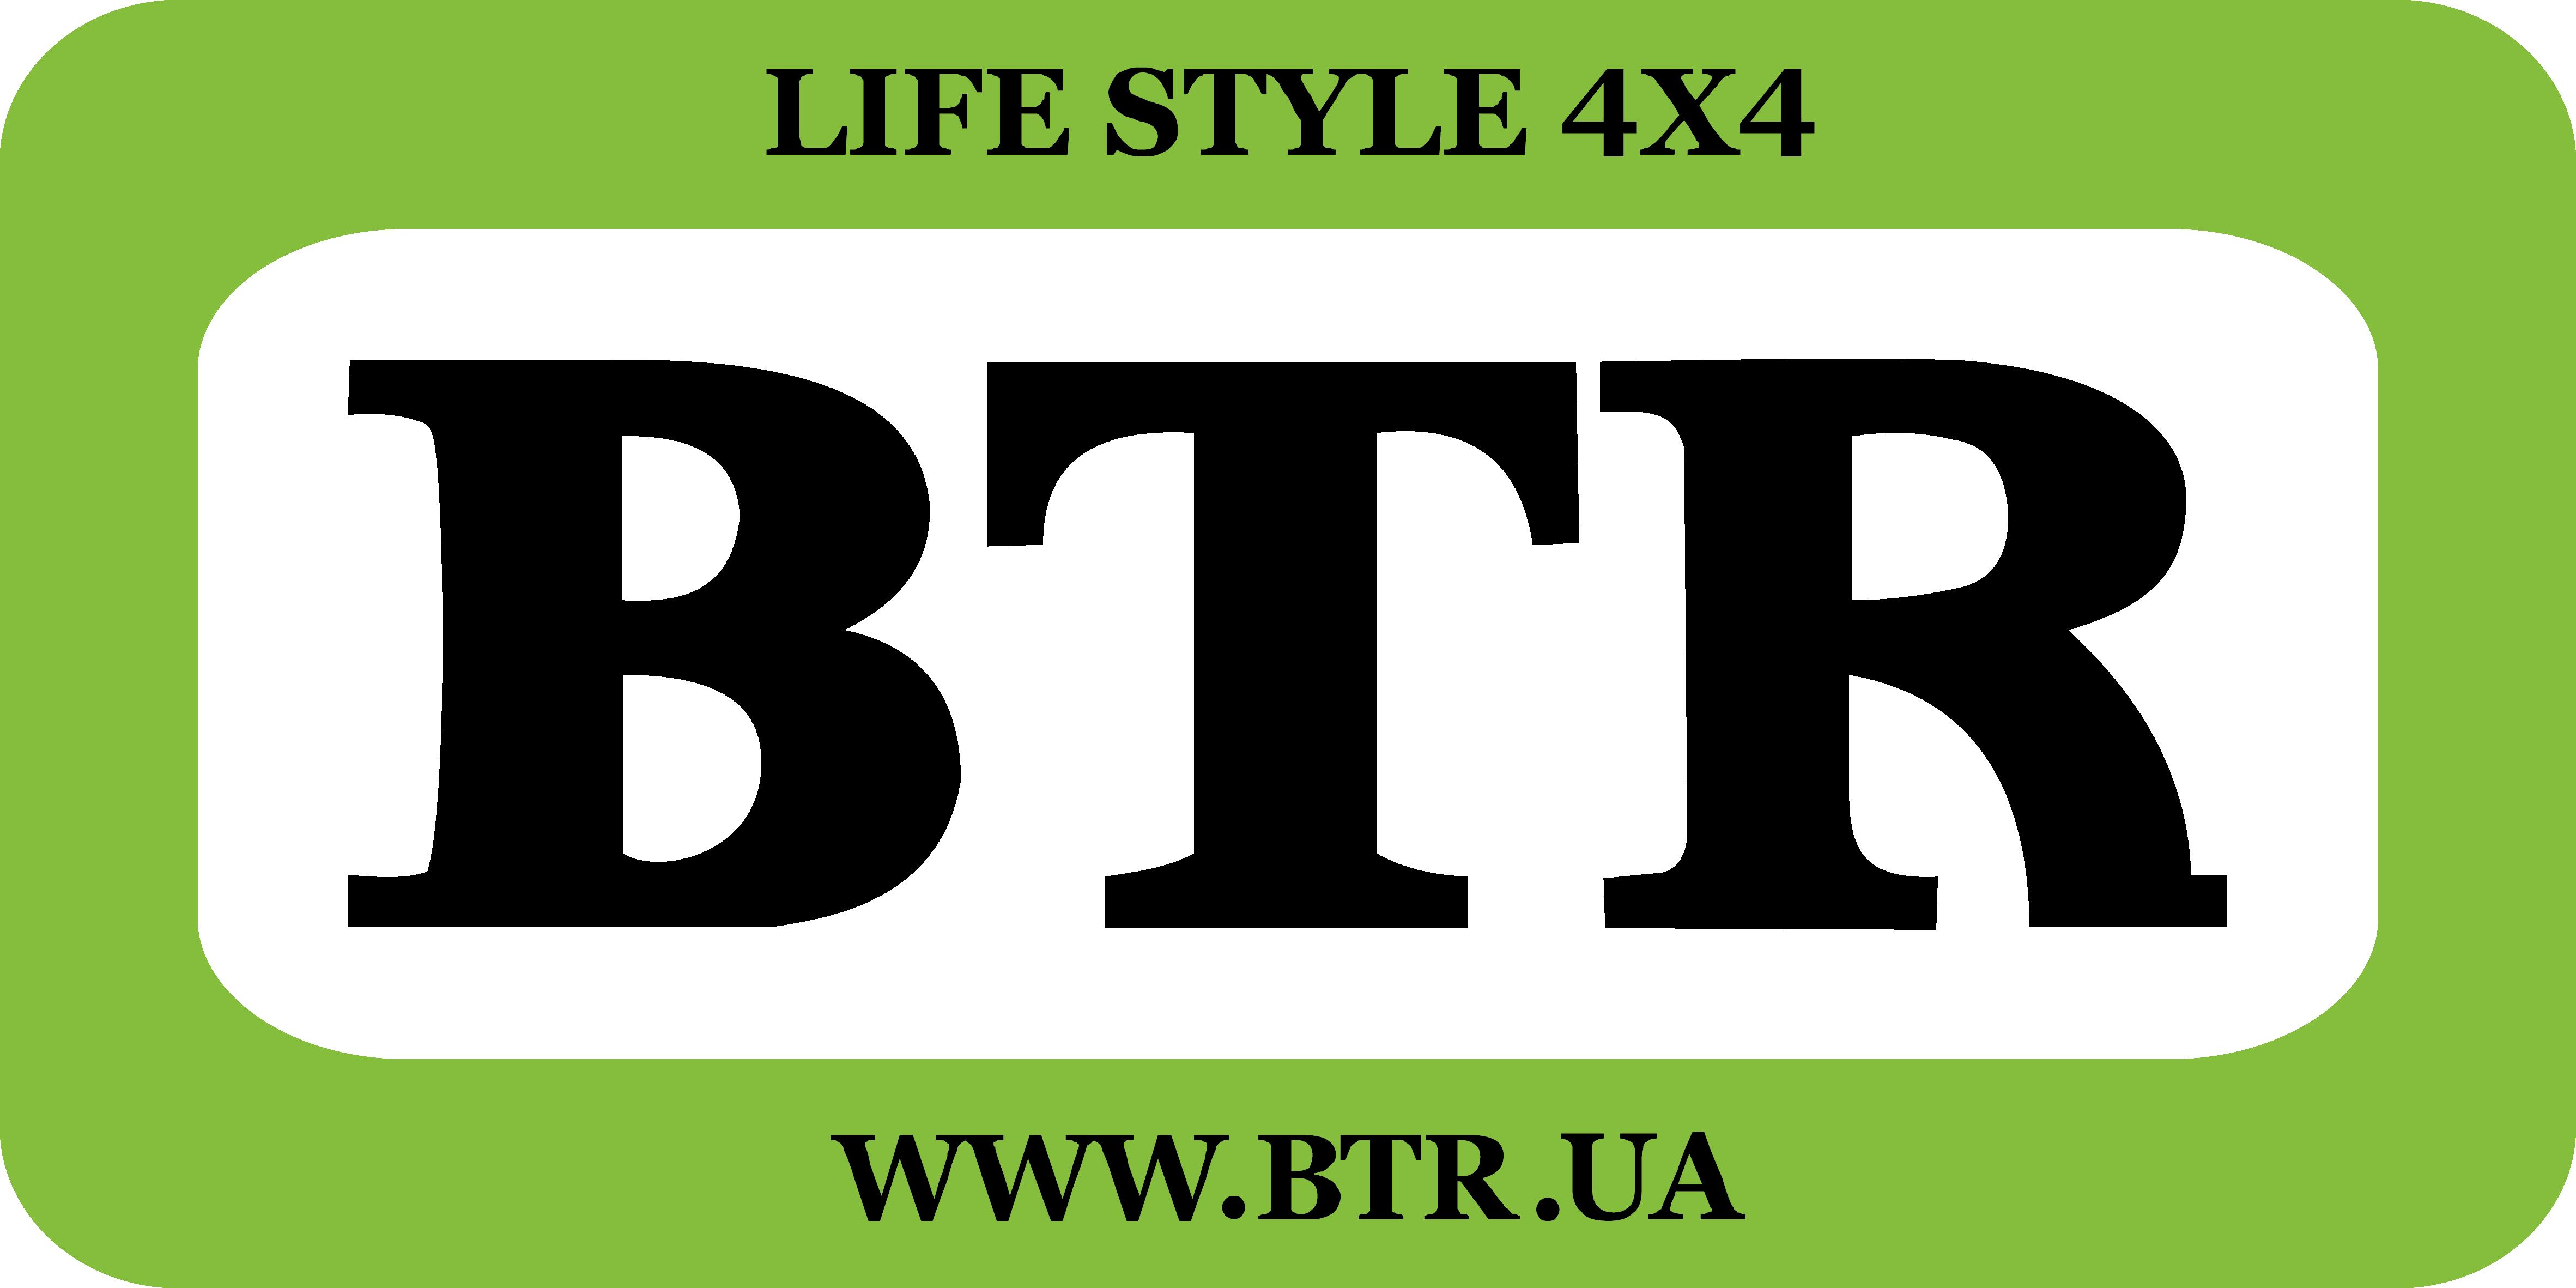 Тюнинг-центр BTR 4×4